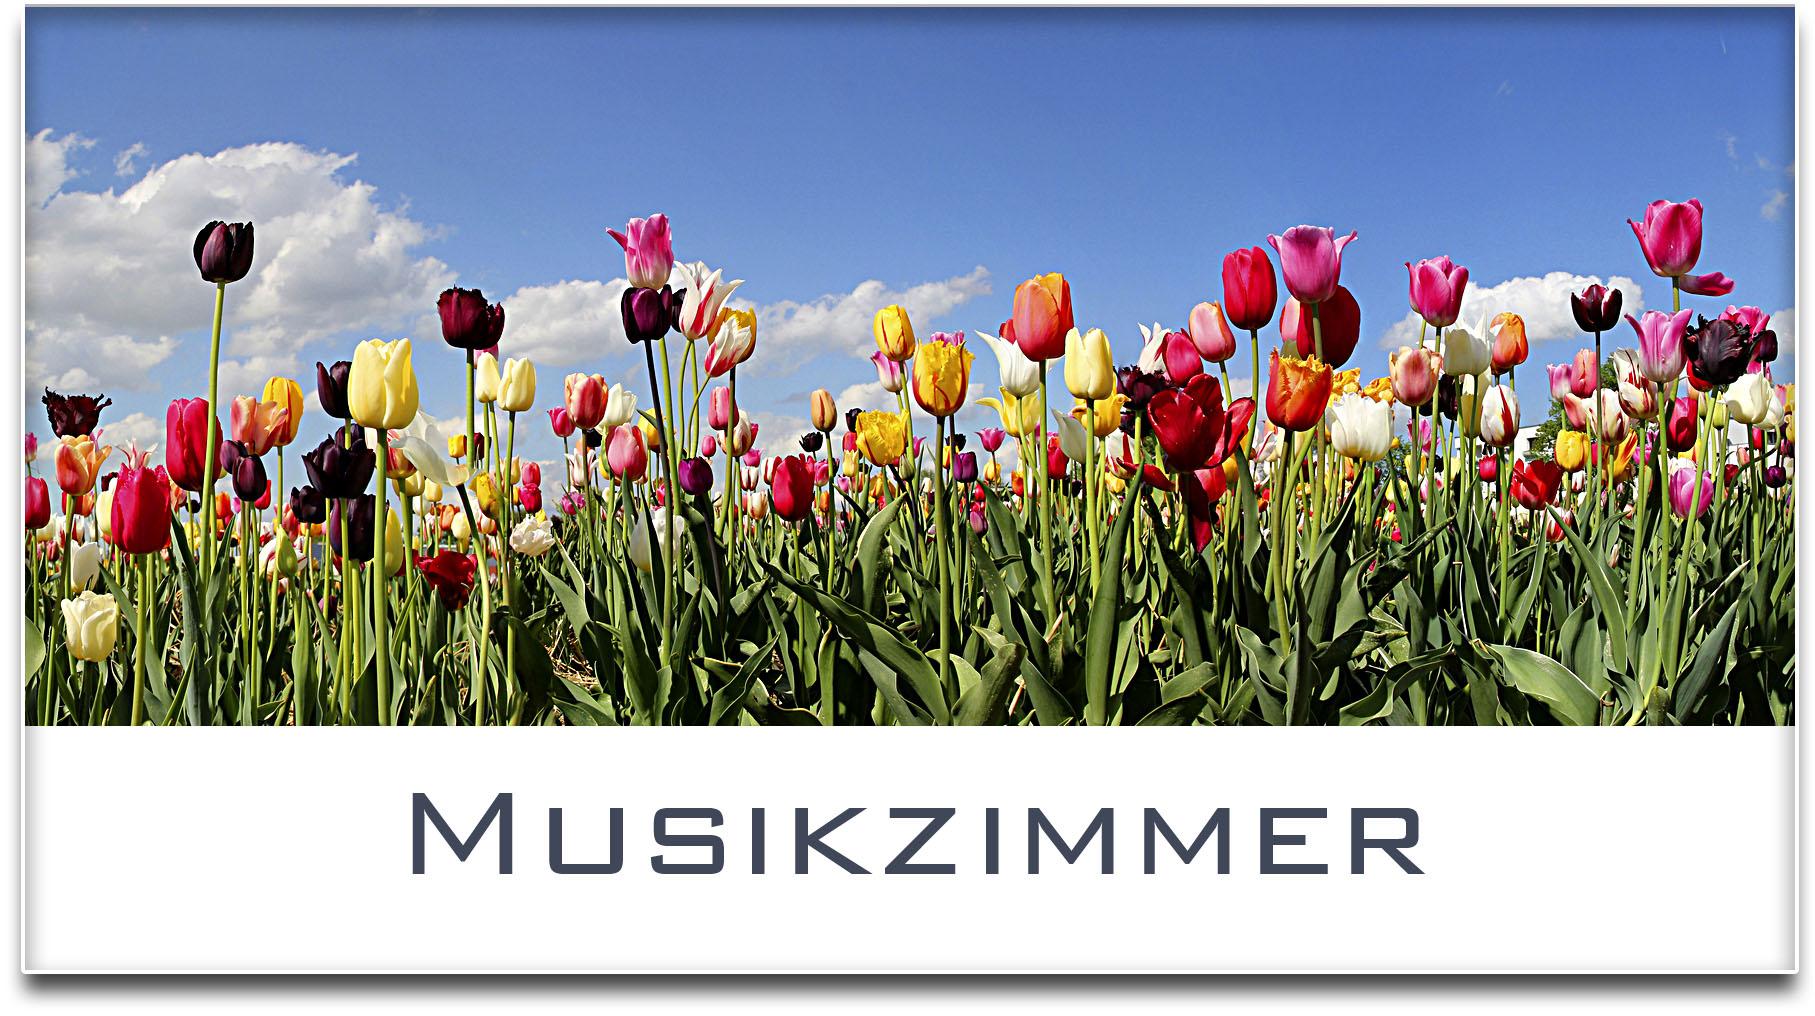 Türschild / Haustürschild / Tulpenfeld / Musikzimmer / Selbstklebend